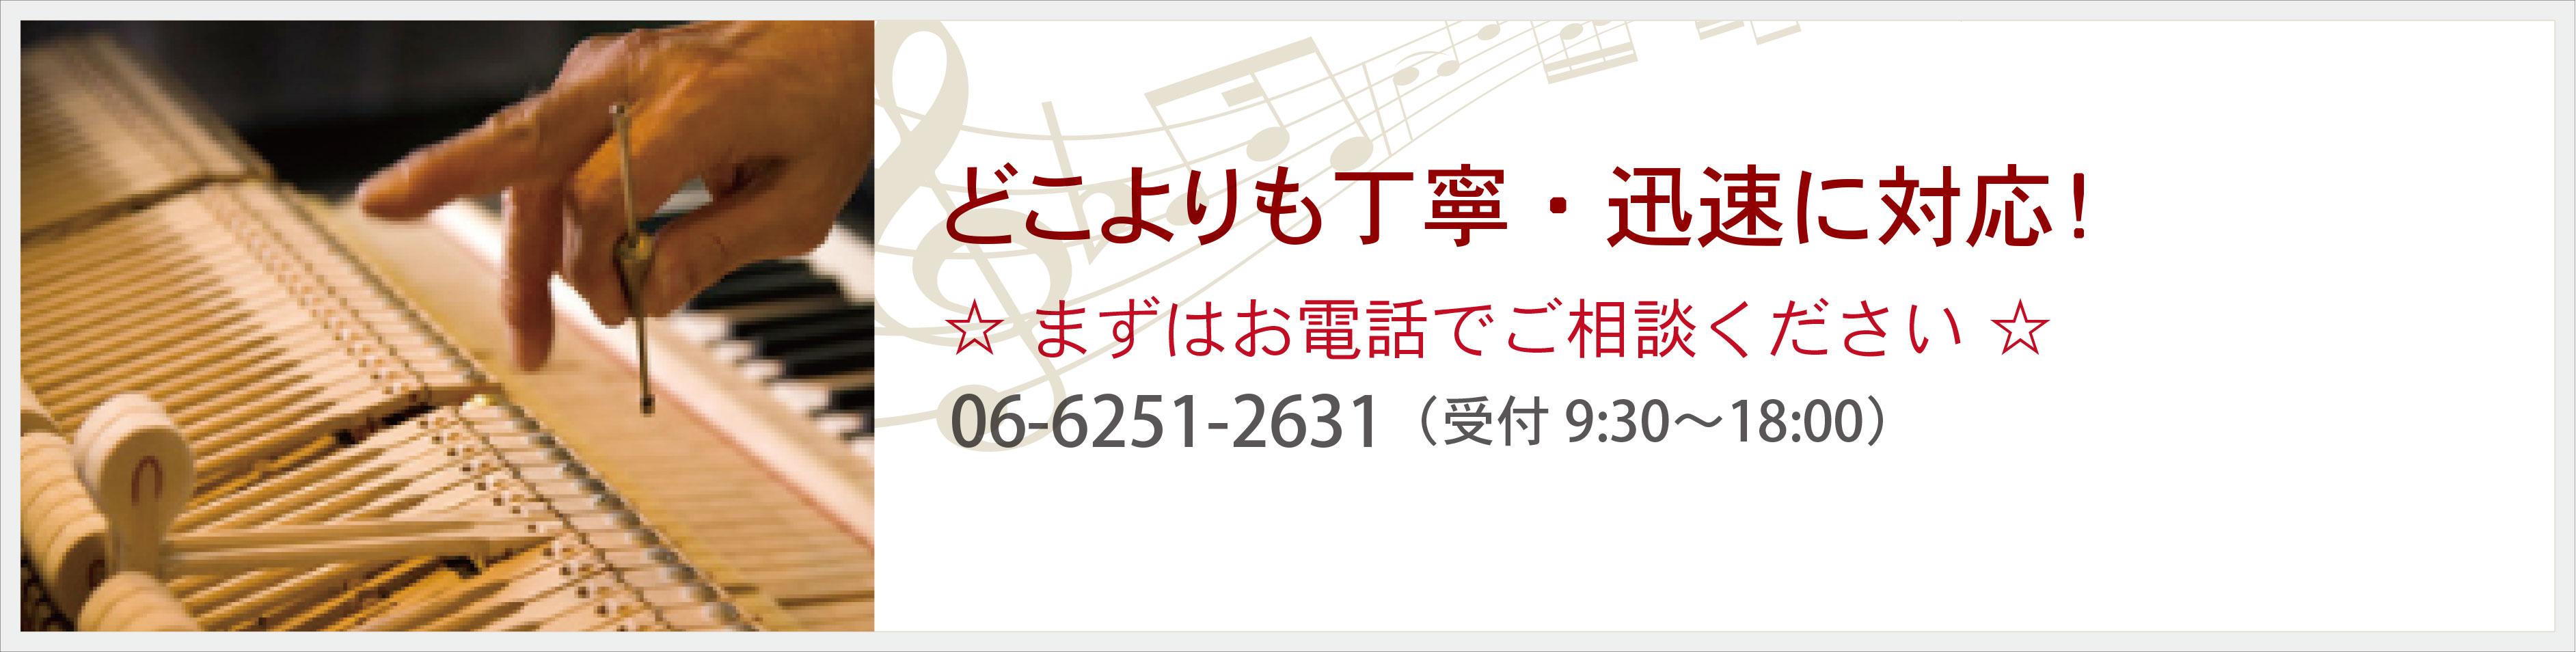 rhythm_bnr3